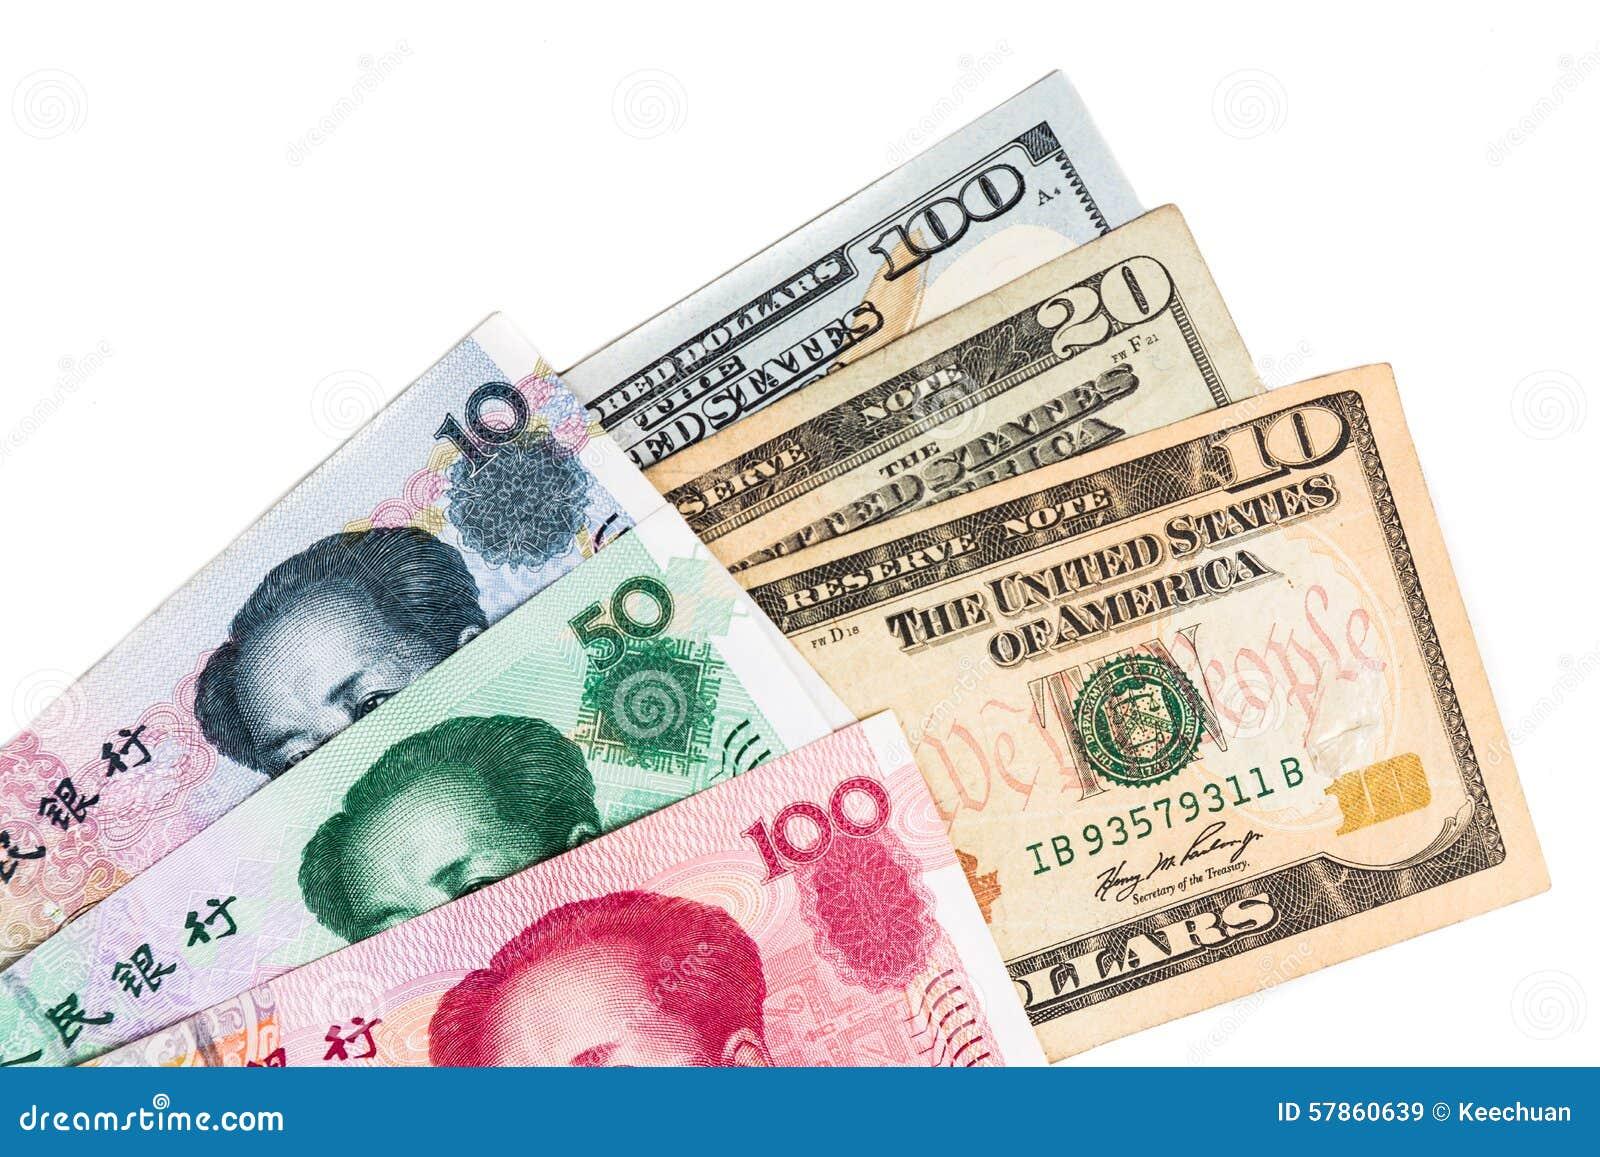 Chiuda su della nota di valuta della Cina Yuan Renminbi contro il dollaro americano